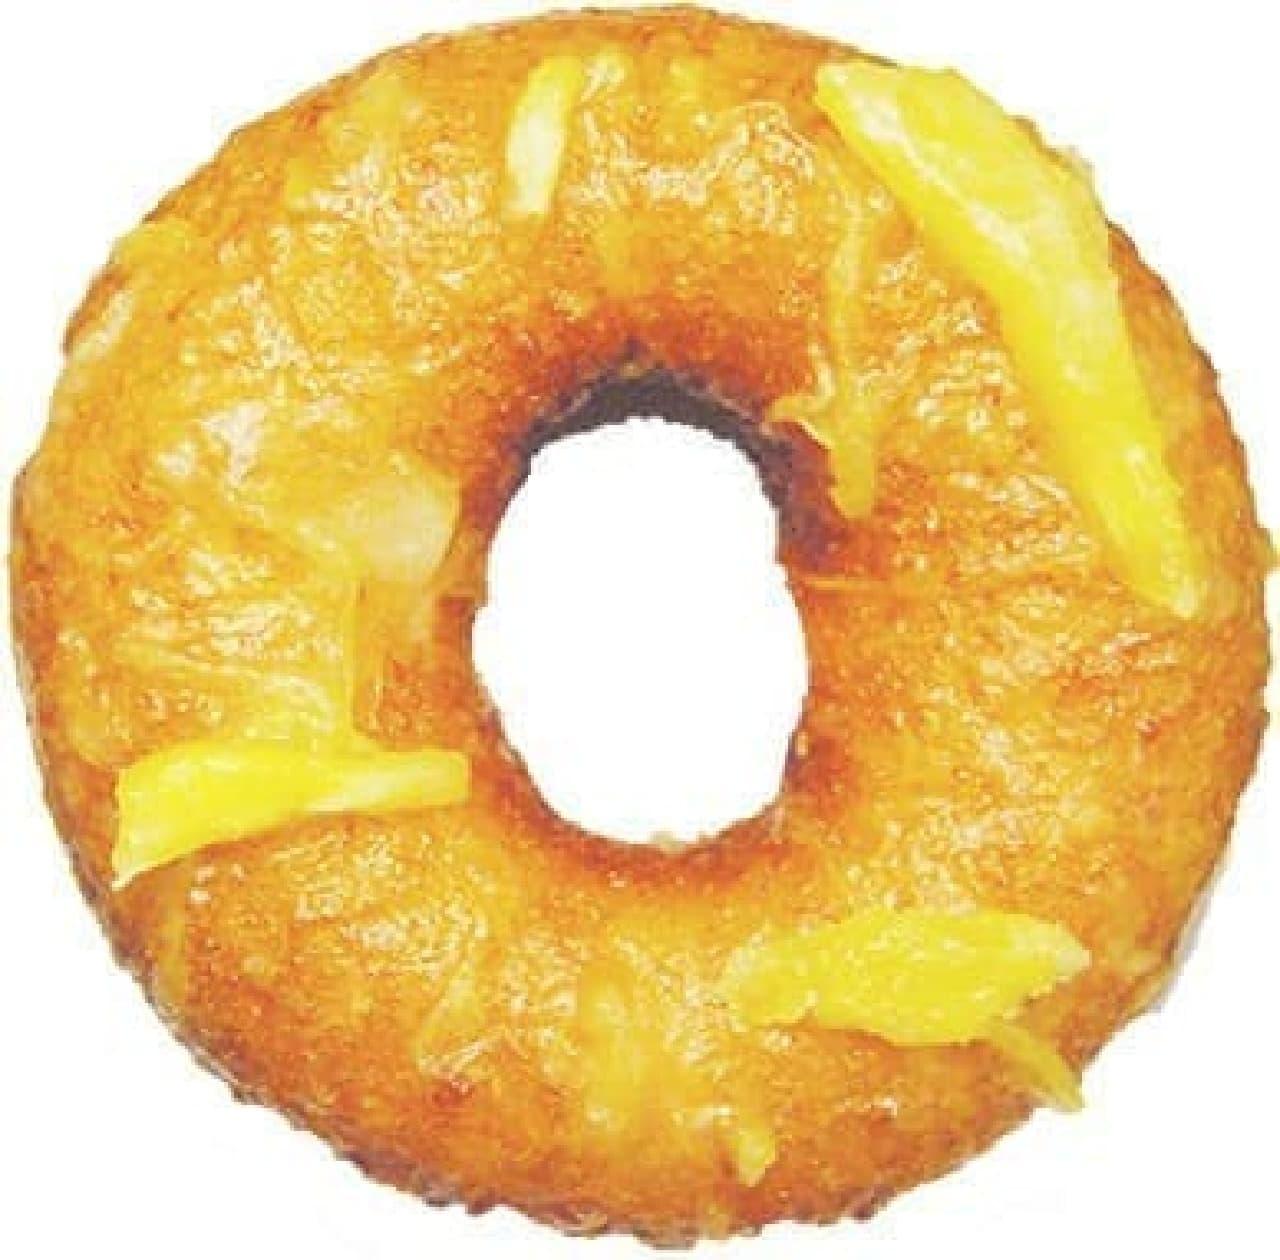 ドーナッツプラント ココナッツパイン(ケーキドーナッツ)